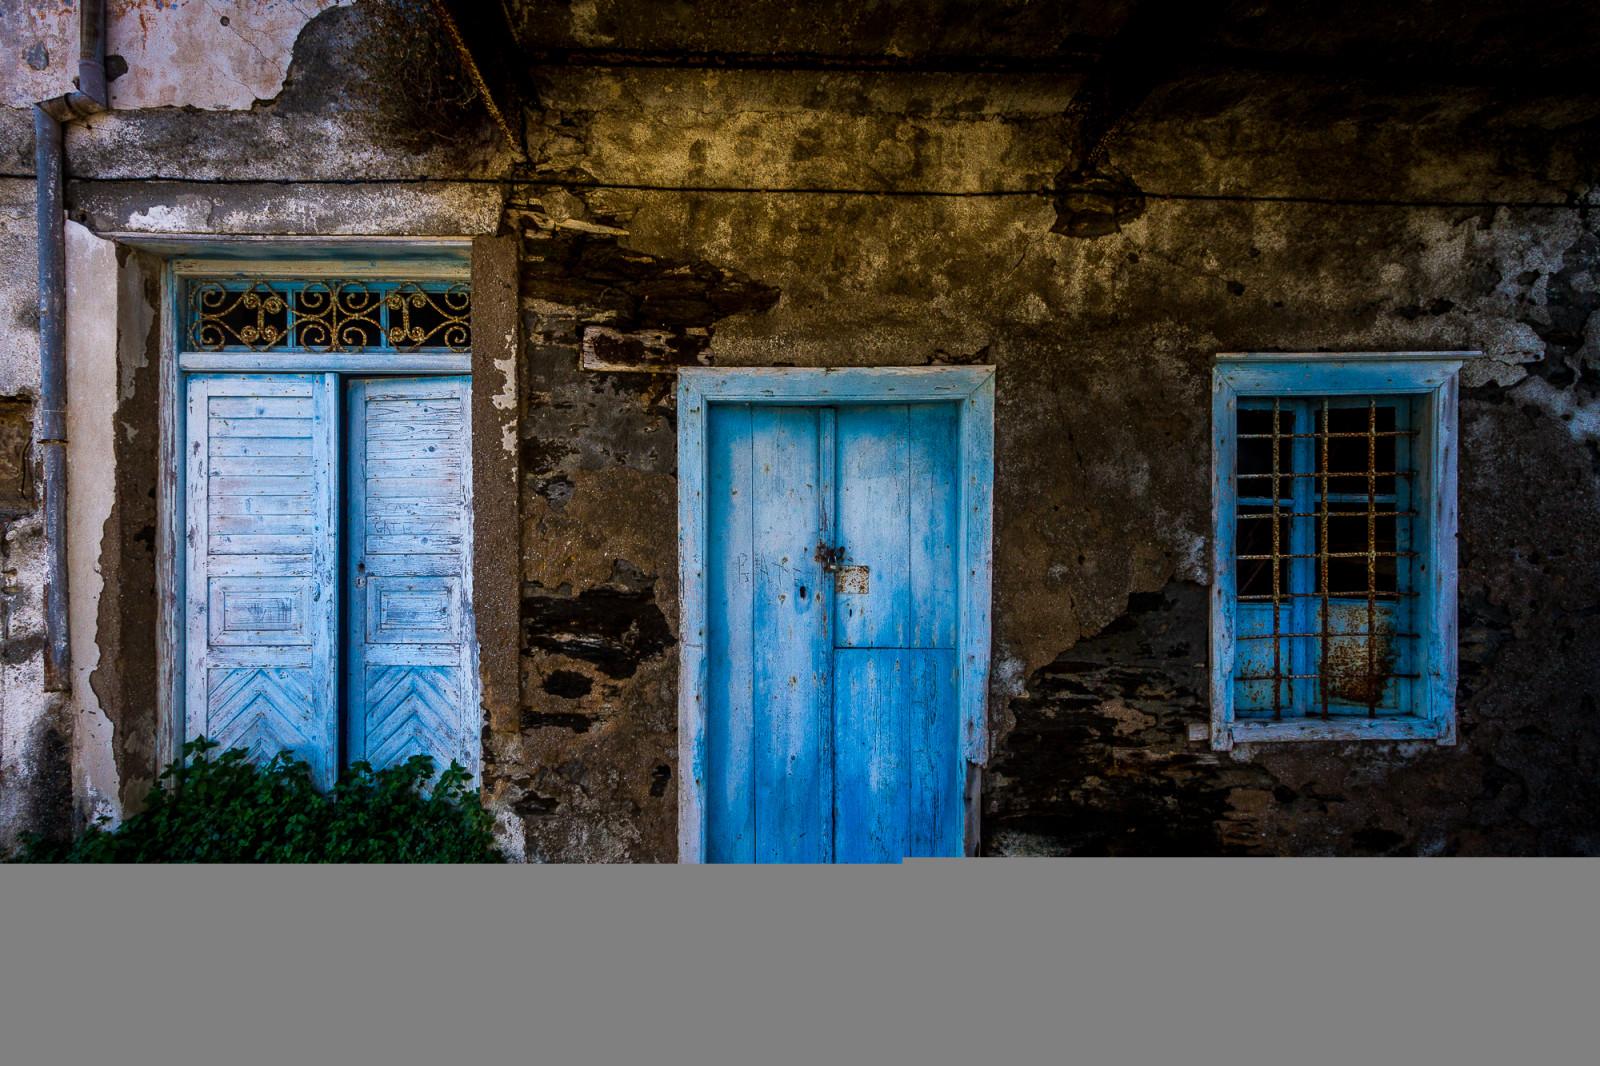 fond d 39 cran color fen tre mur maison bleu grec gr ce le t porte l 39 europe. Black Bedroom Furniture Sets. Home Design Ideas